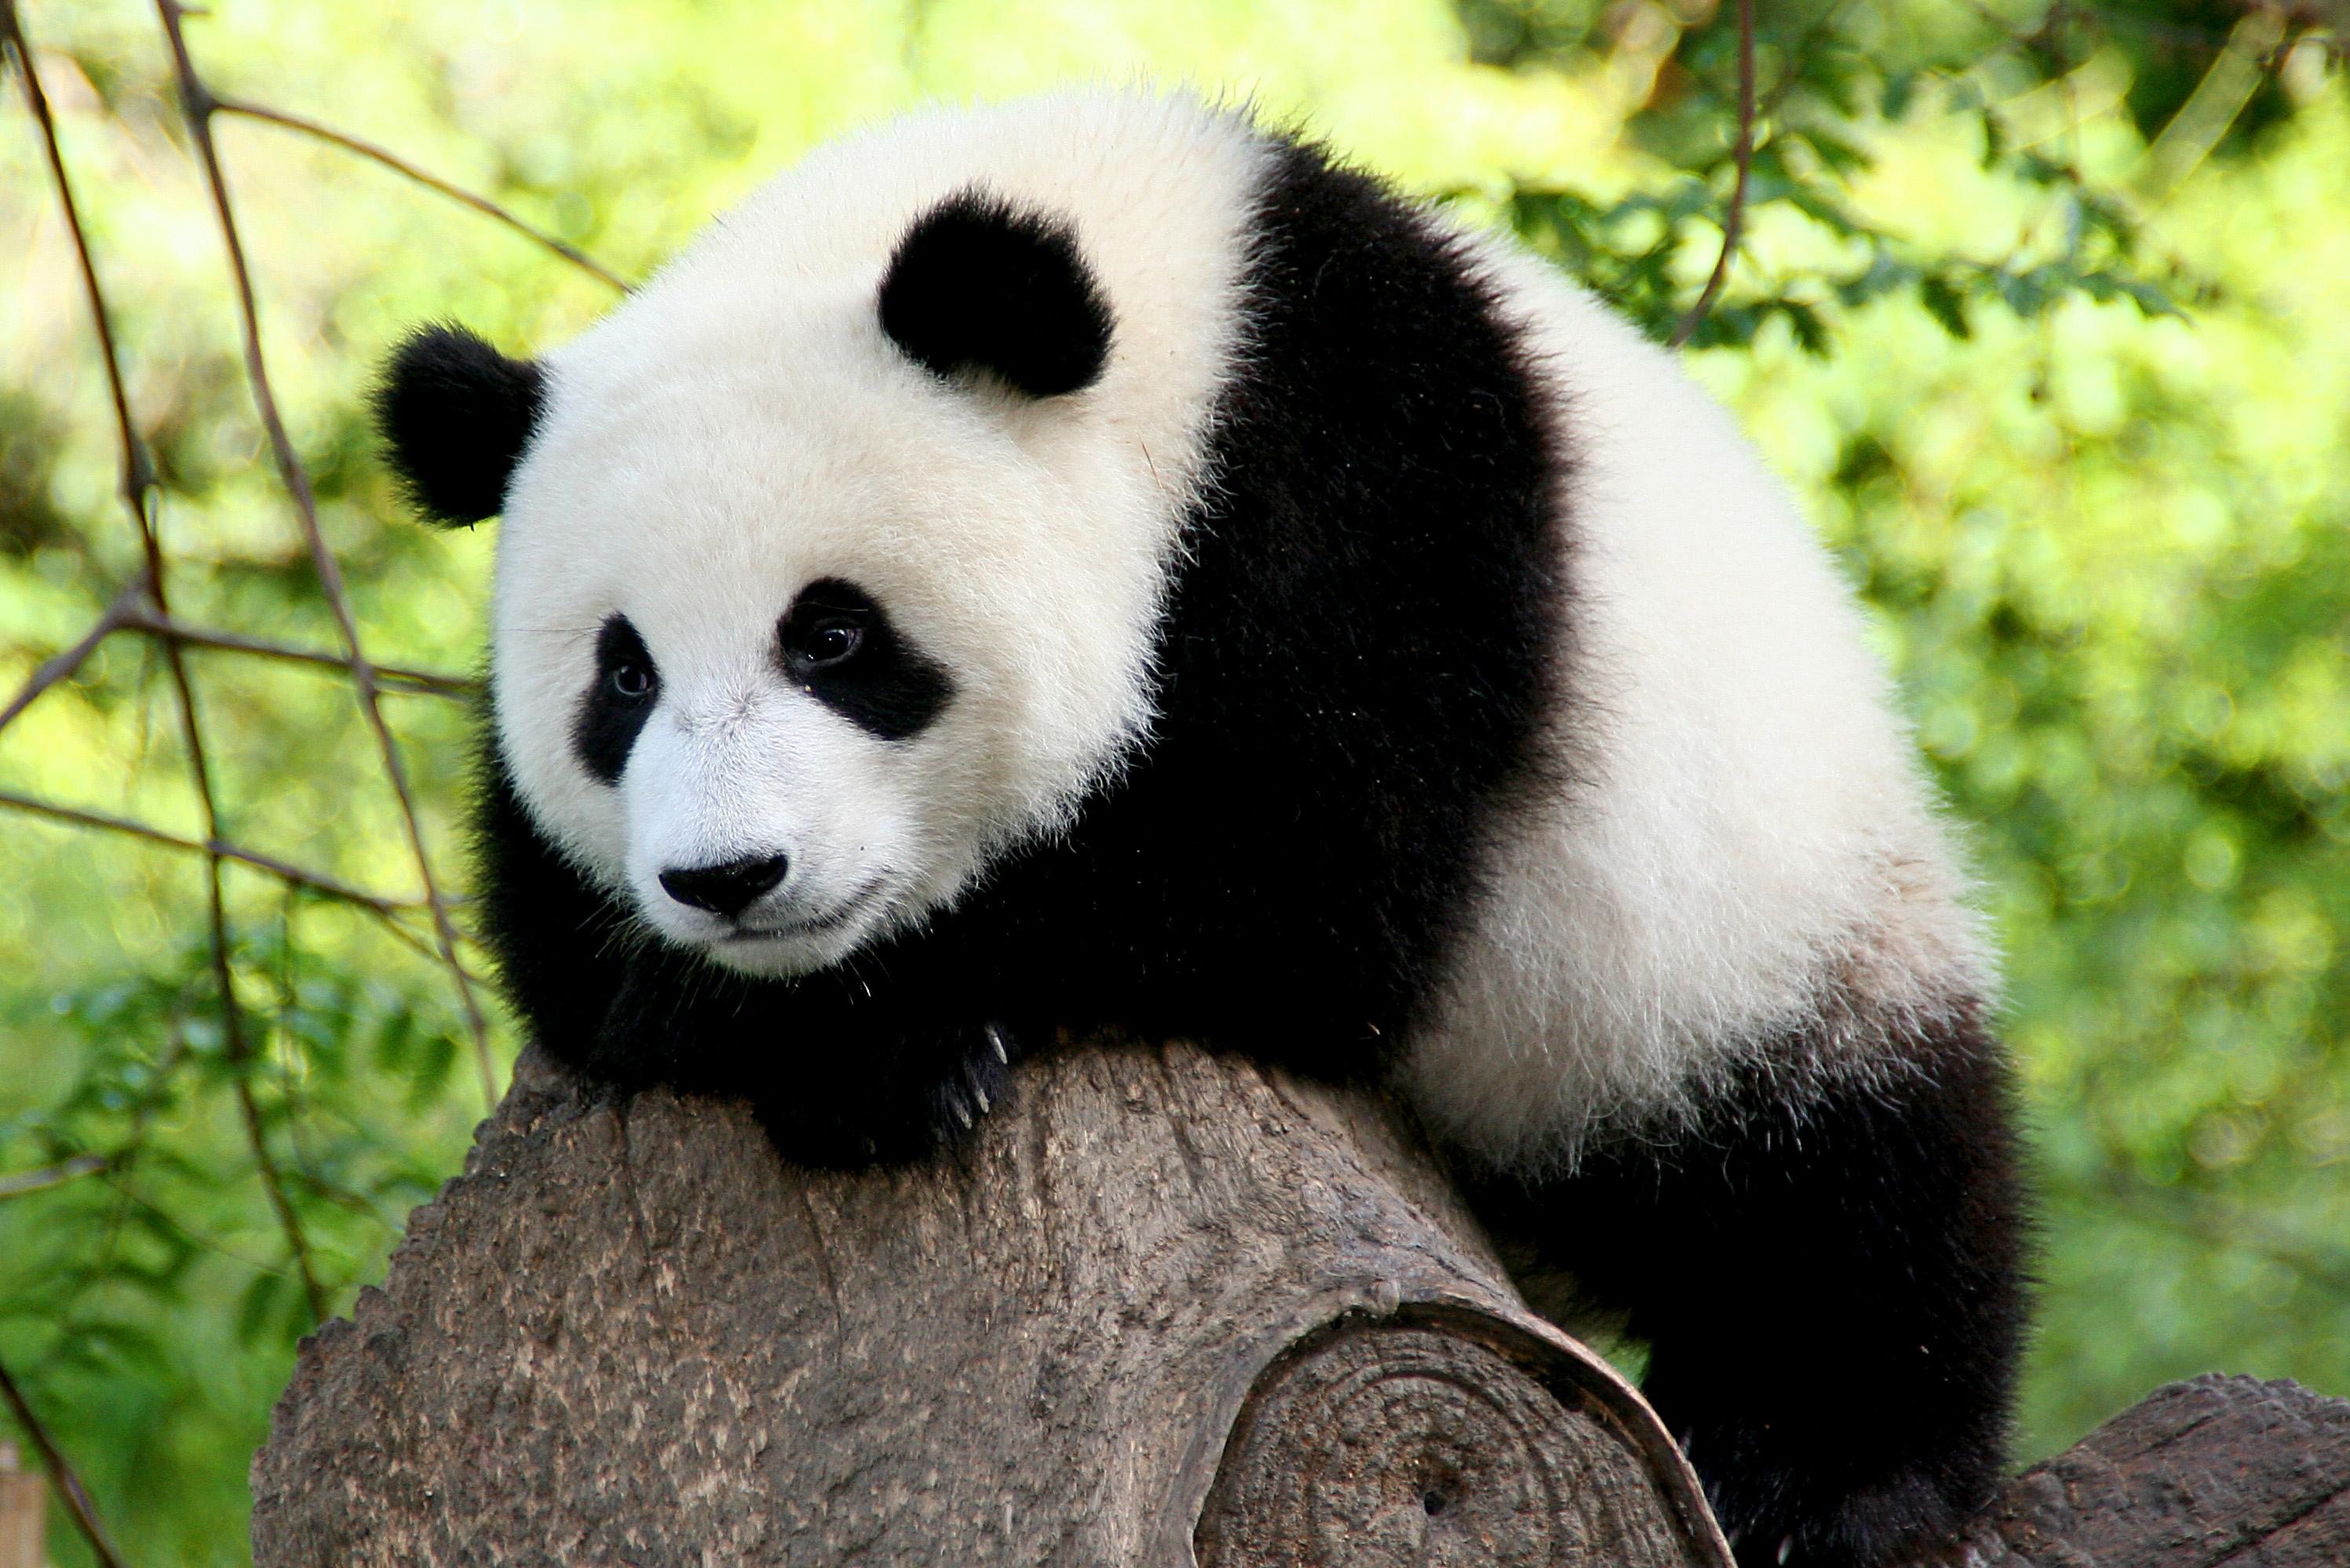 Panda #9